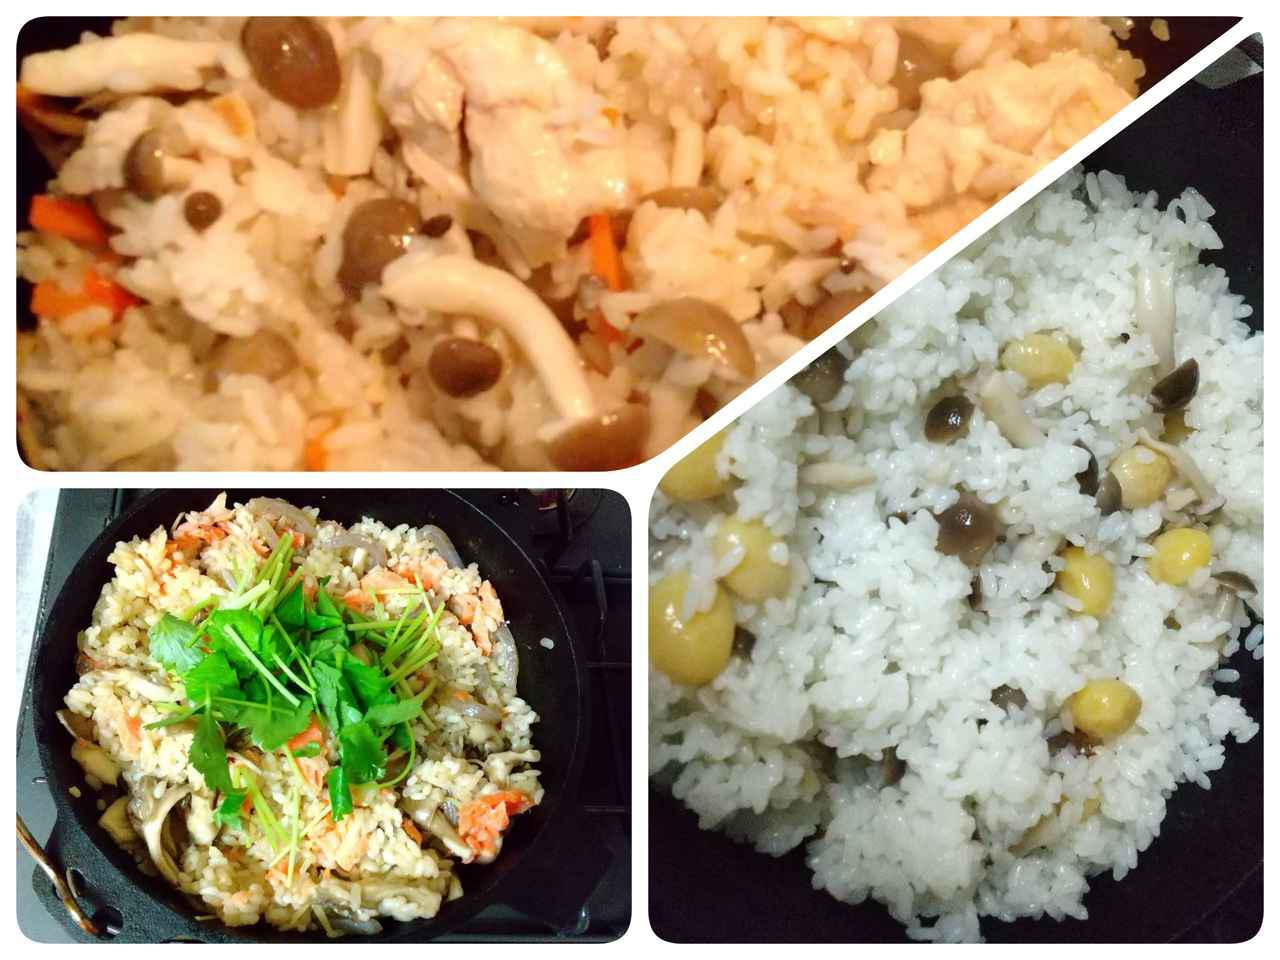 画像: 【秋レシピ】ダッチオーブンで作る絶品炊き込みご飯3選! 炊飯のコツから3つのレシピまで - ハピキャン(HAPPY CAMPER)